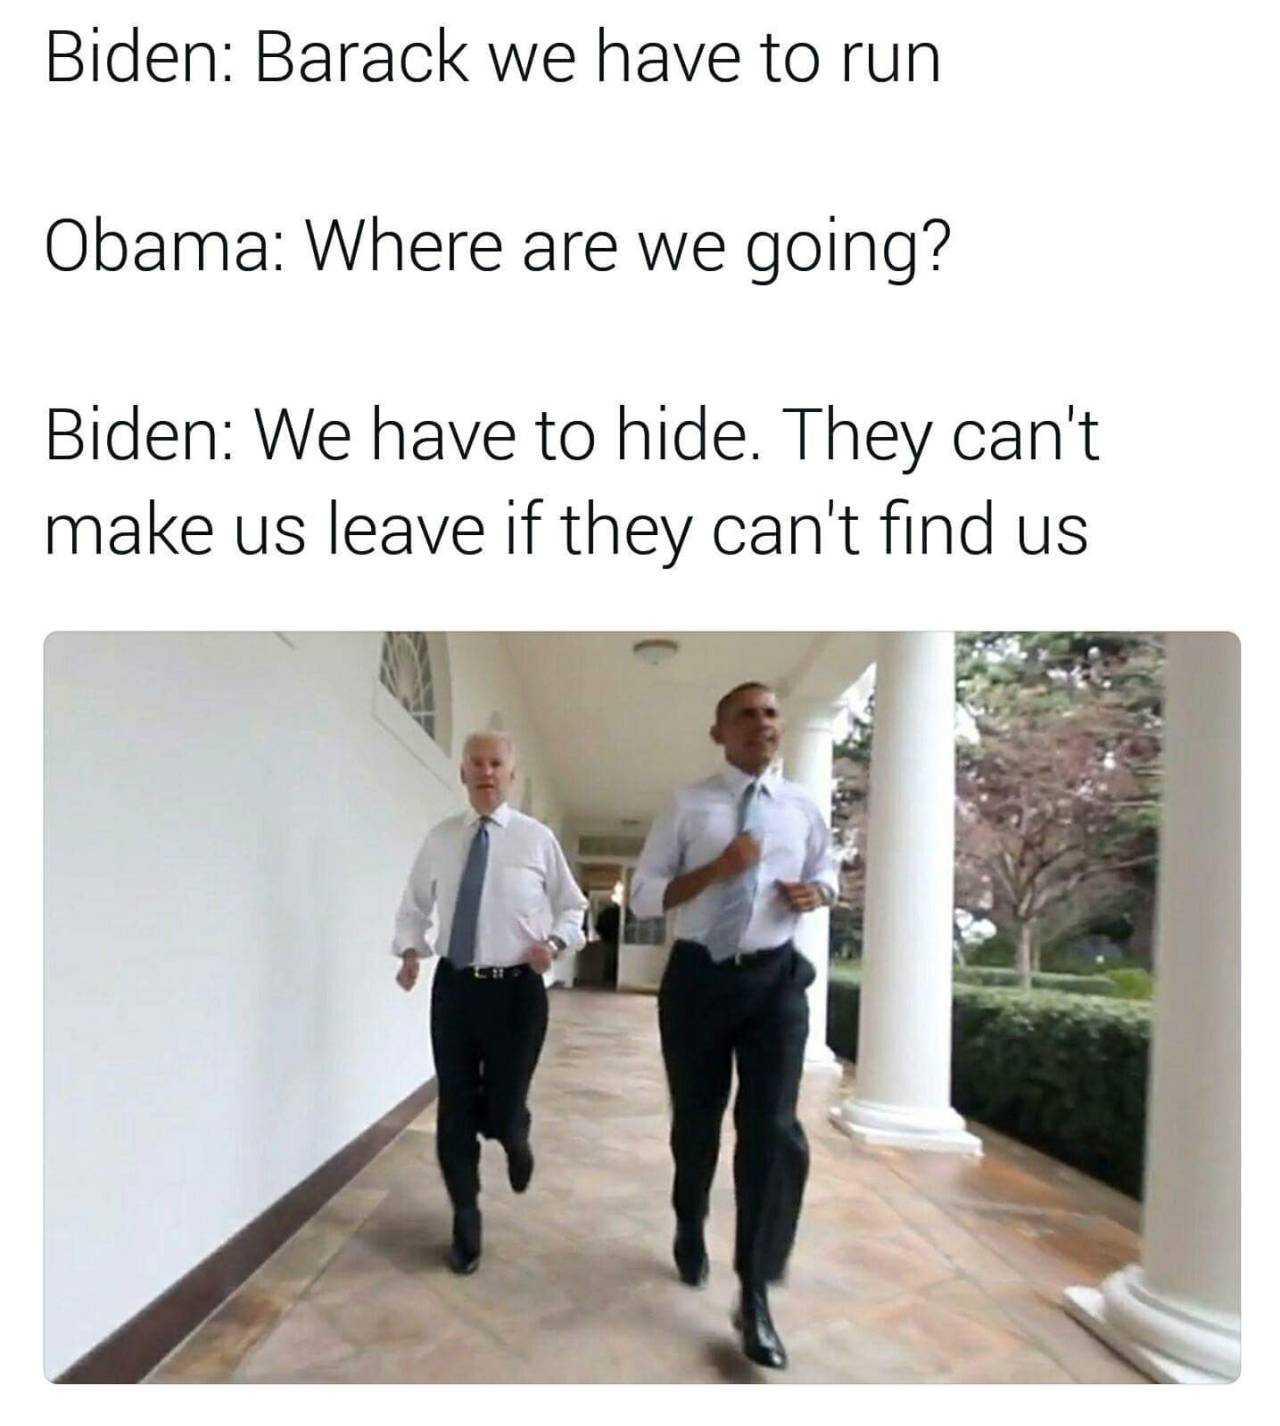 Obama memes - run